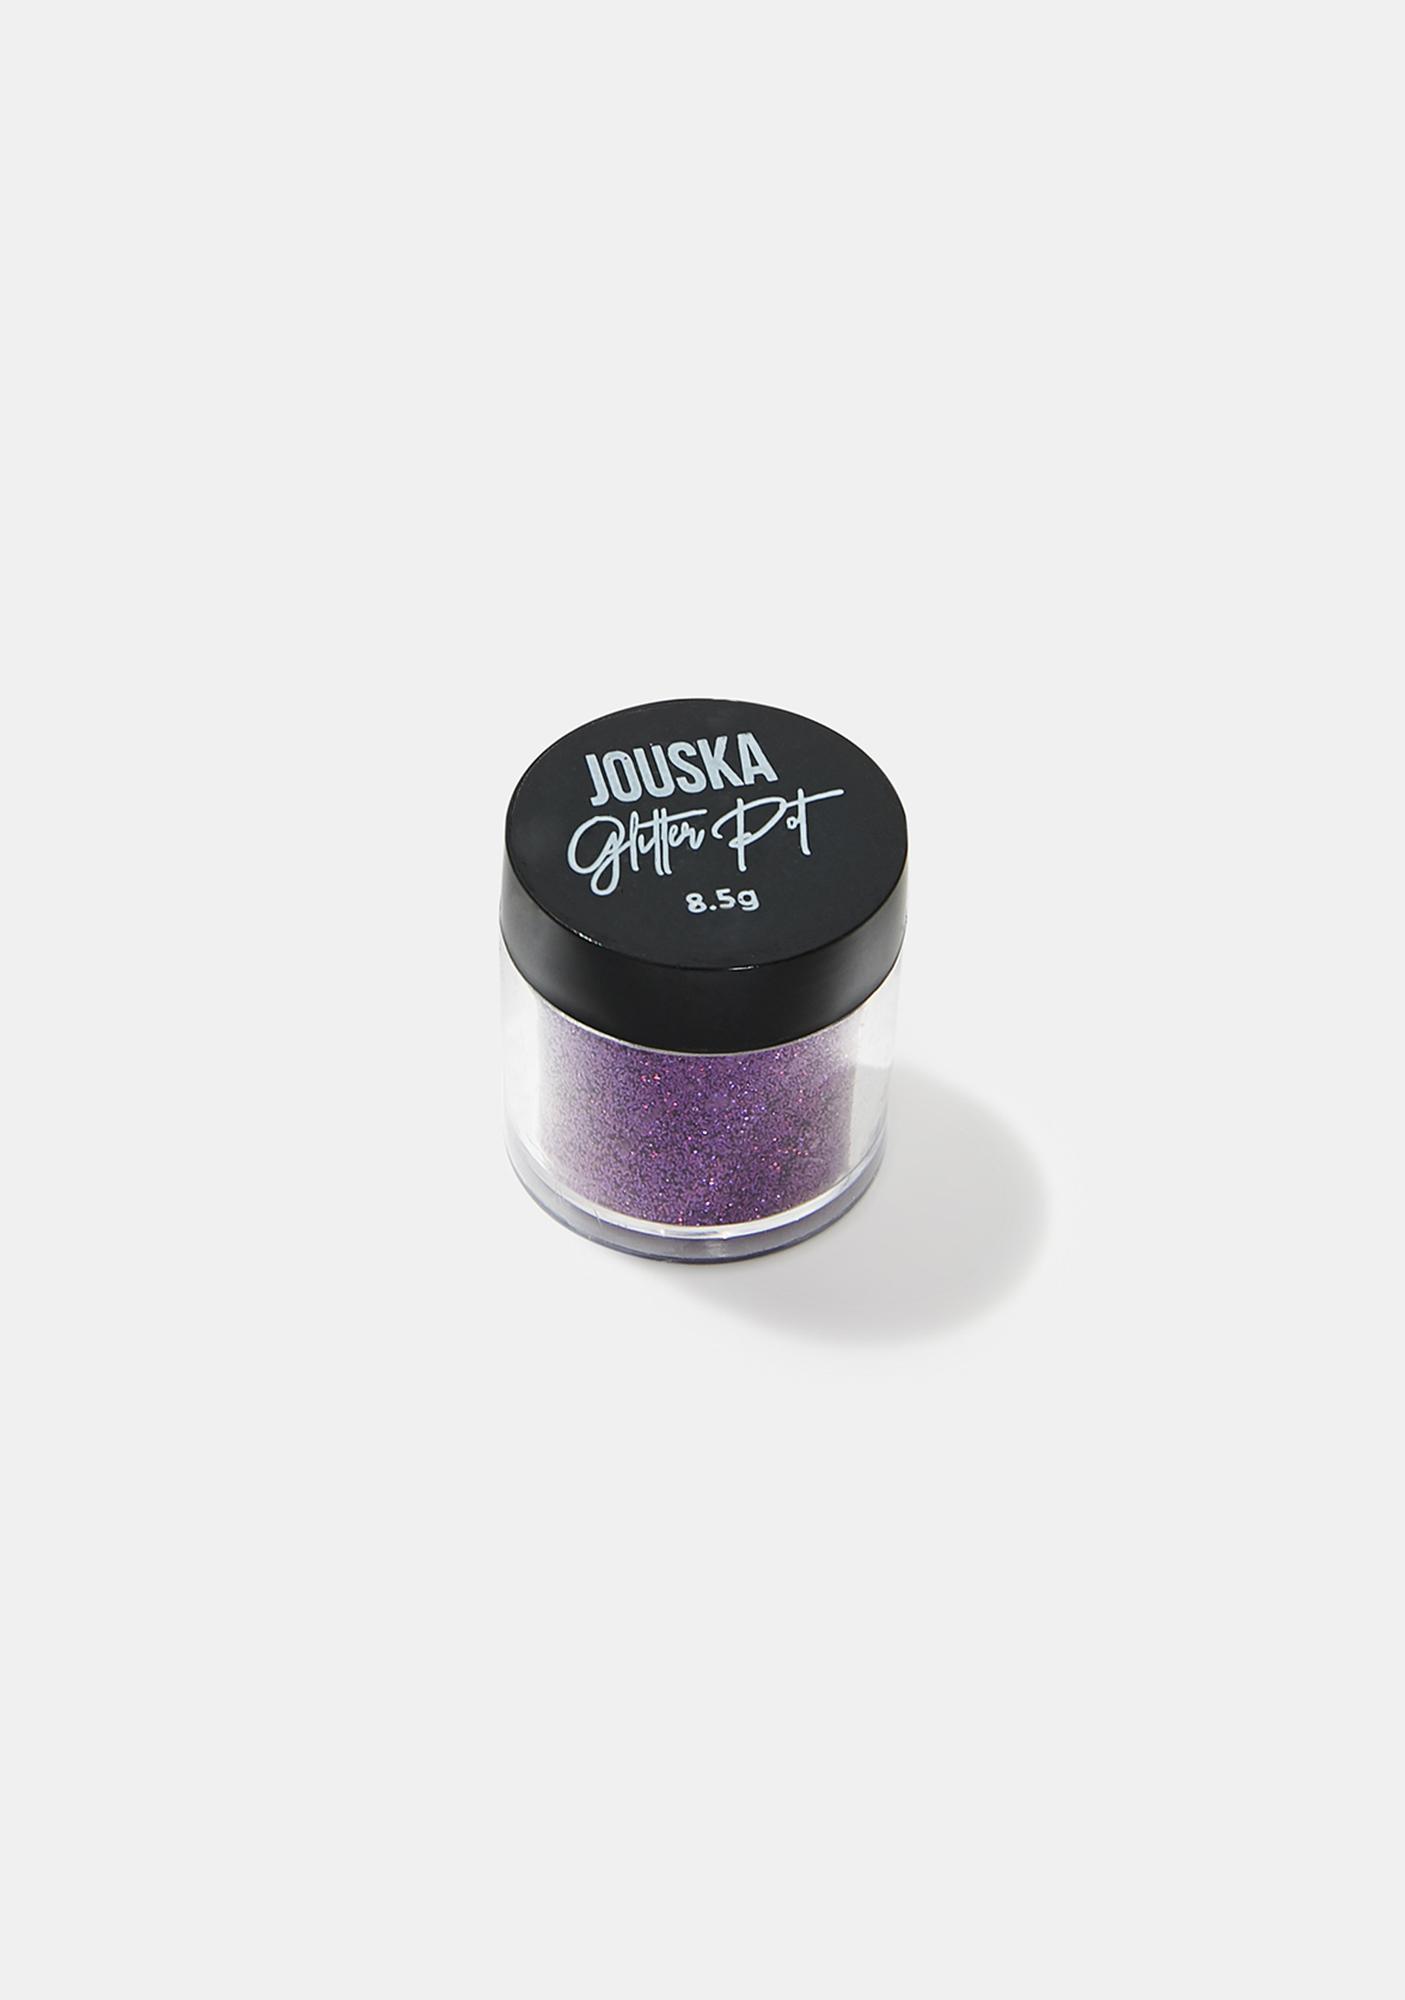 Jouska Cosmetics Royalty Glitter Pot